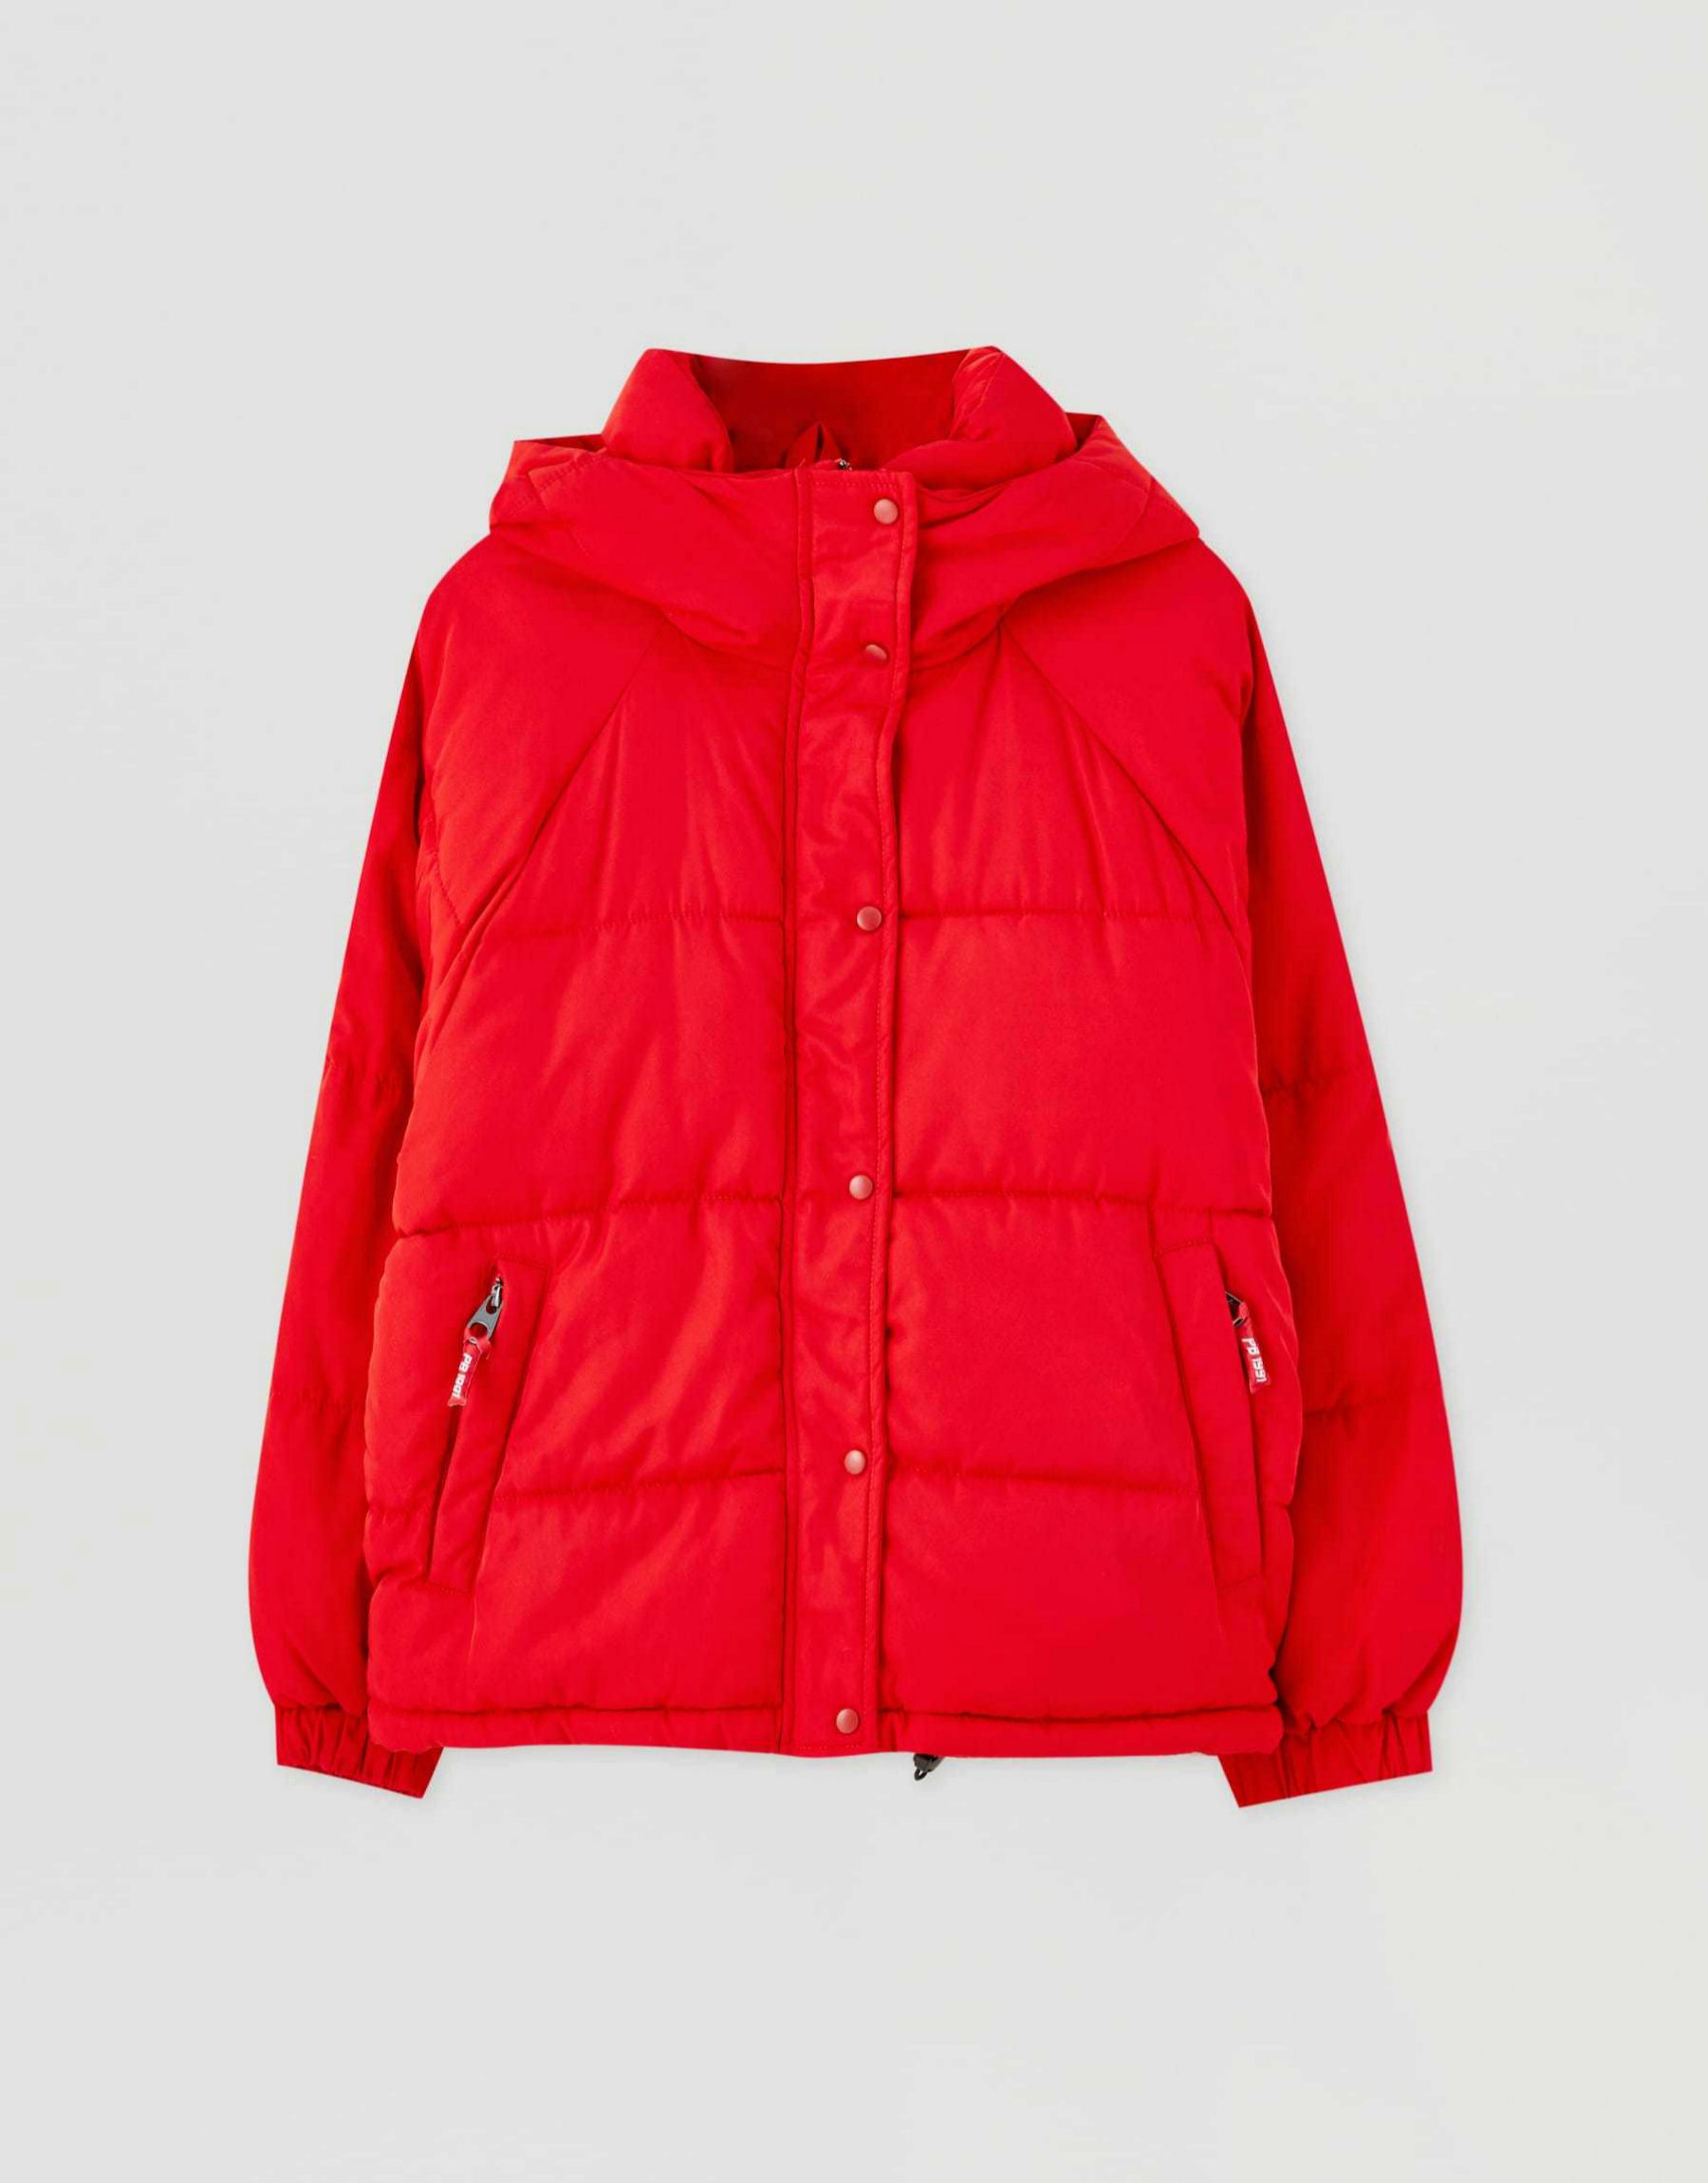 Abrigo acolchado en color rojo de Pull & Bear (39,99¤)